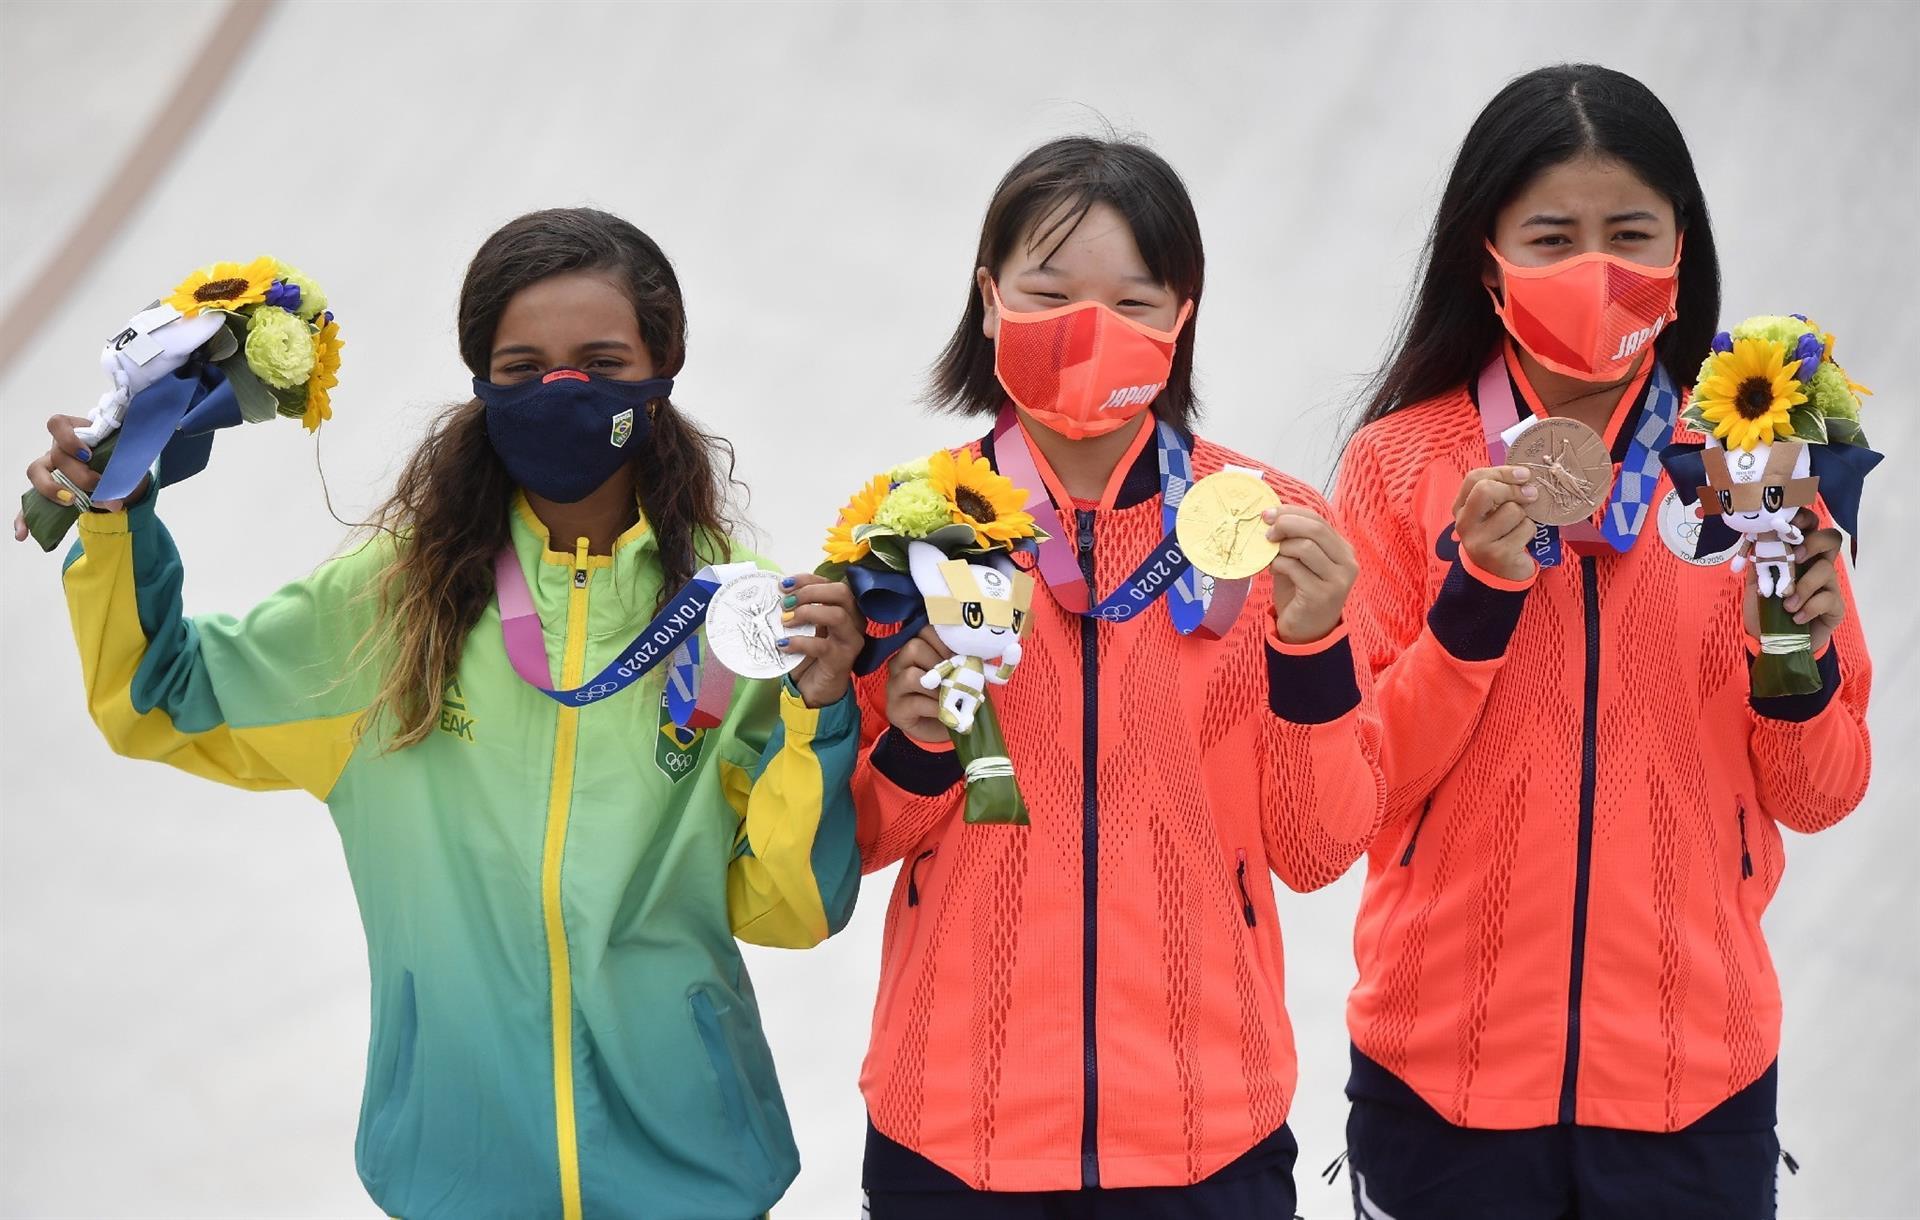 El skate femenino deja podio olímpico más joven hasta la fecha